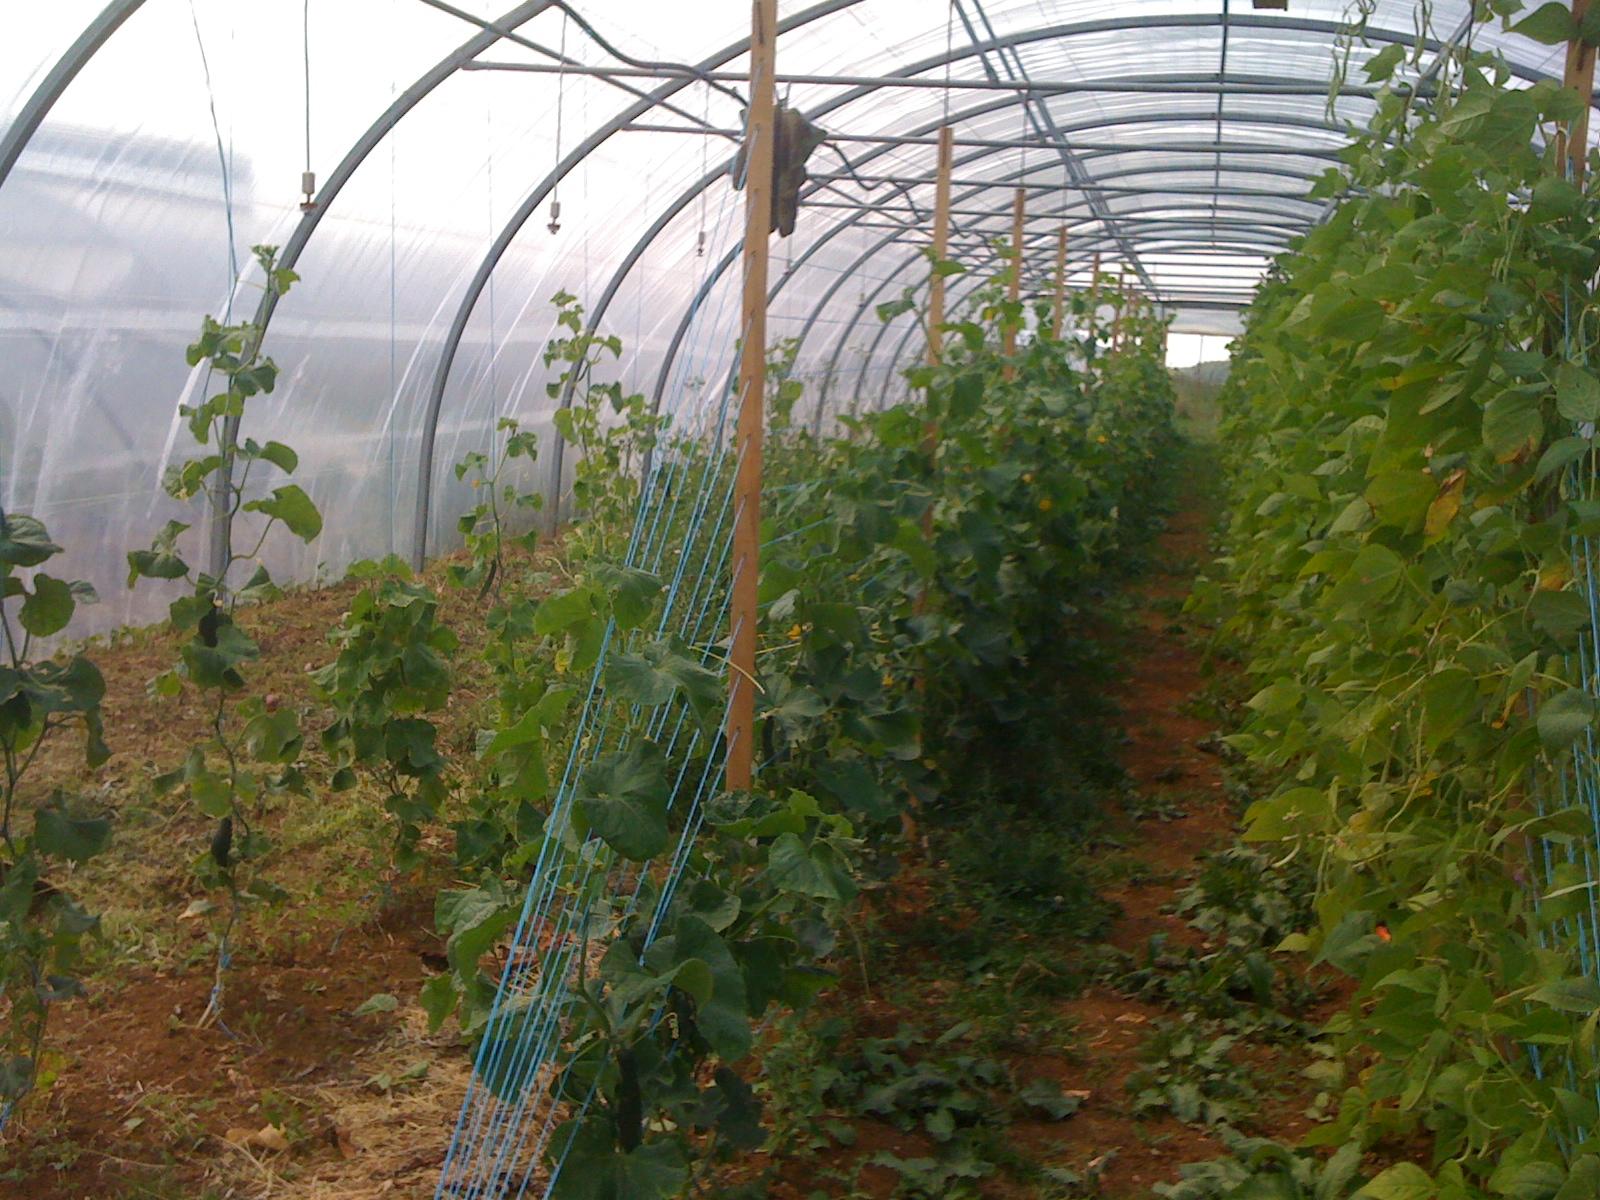 les concombres et haricots - juillet 2013